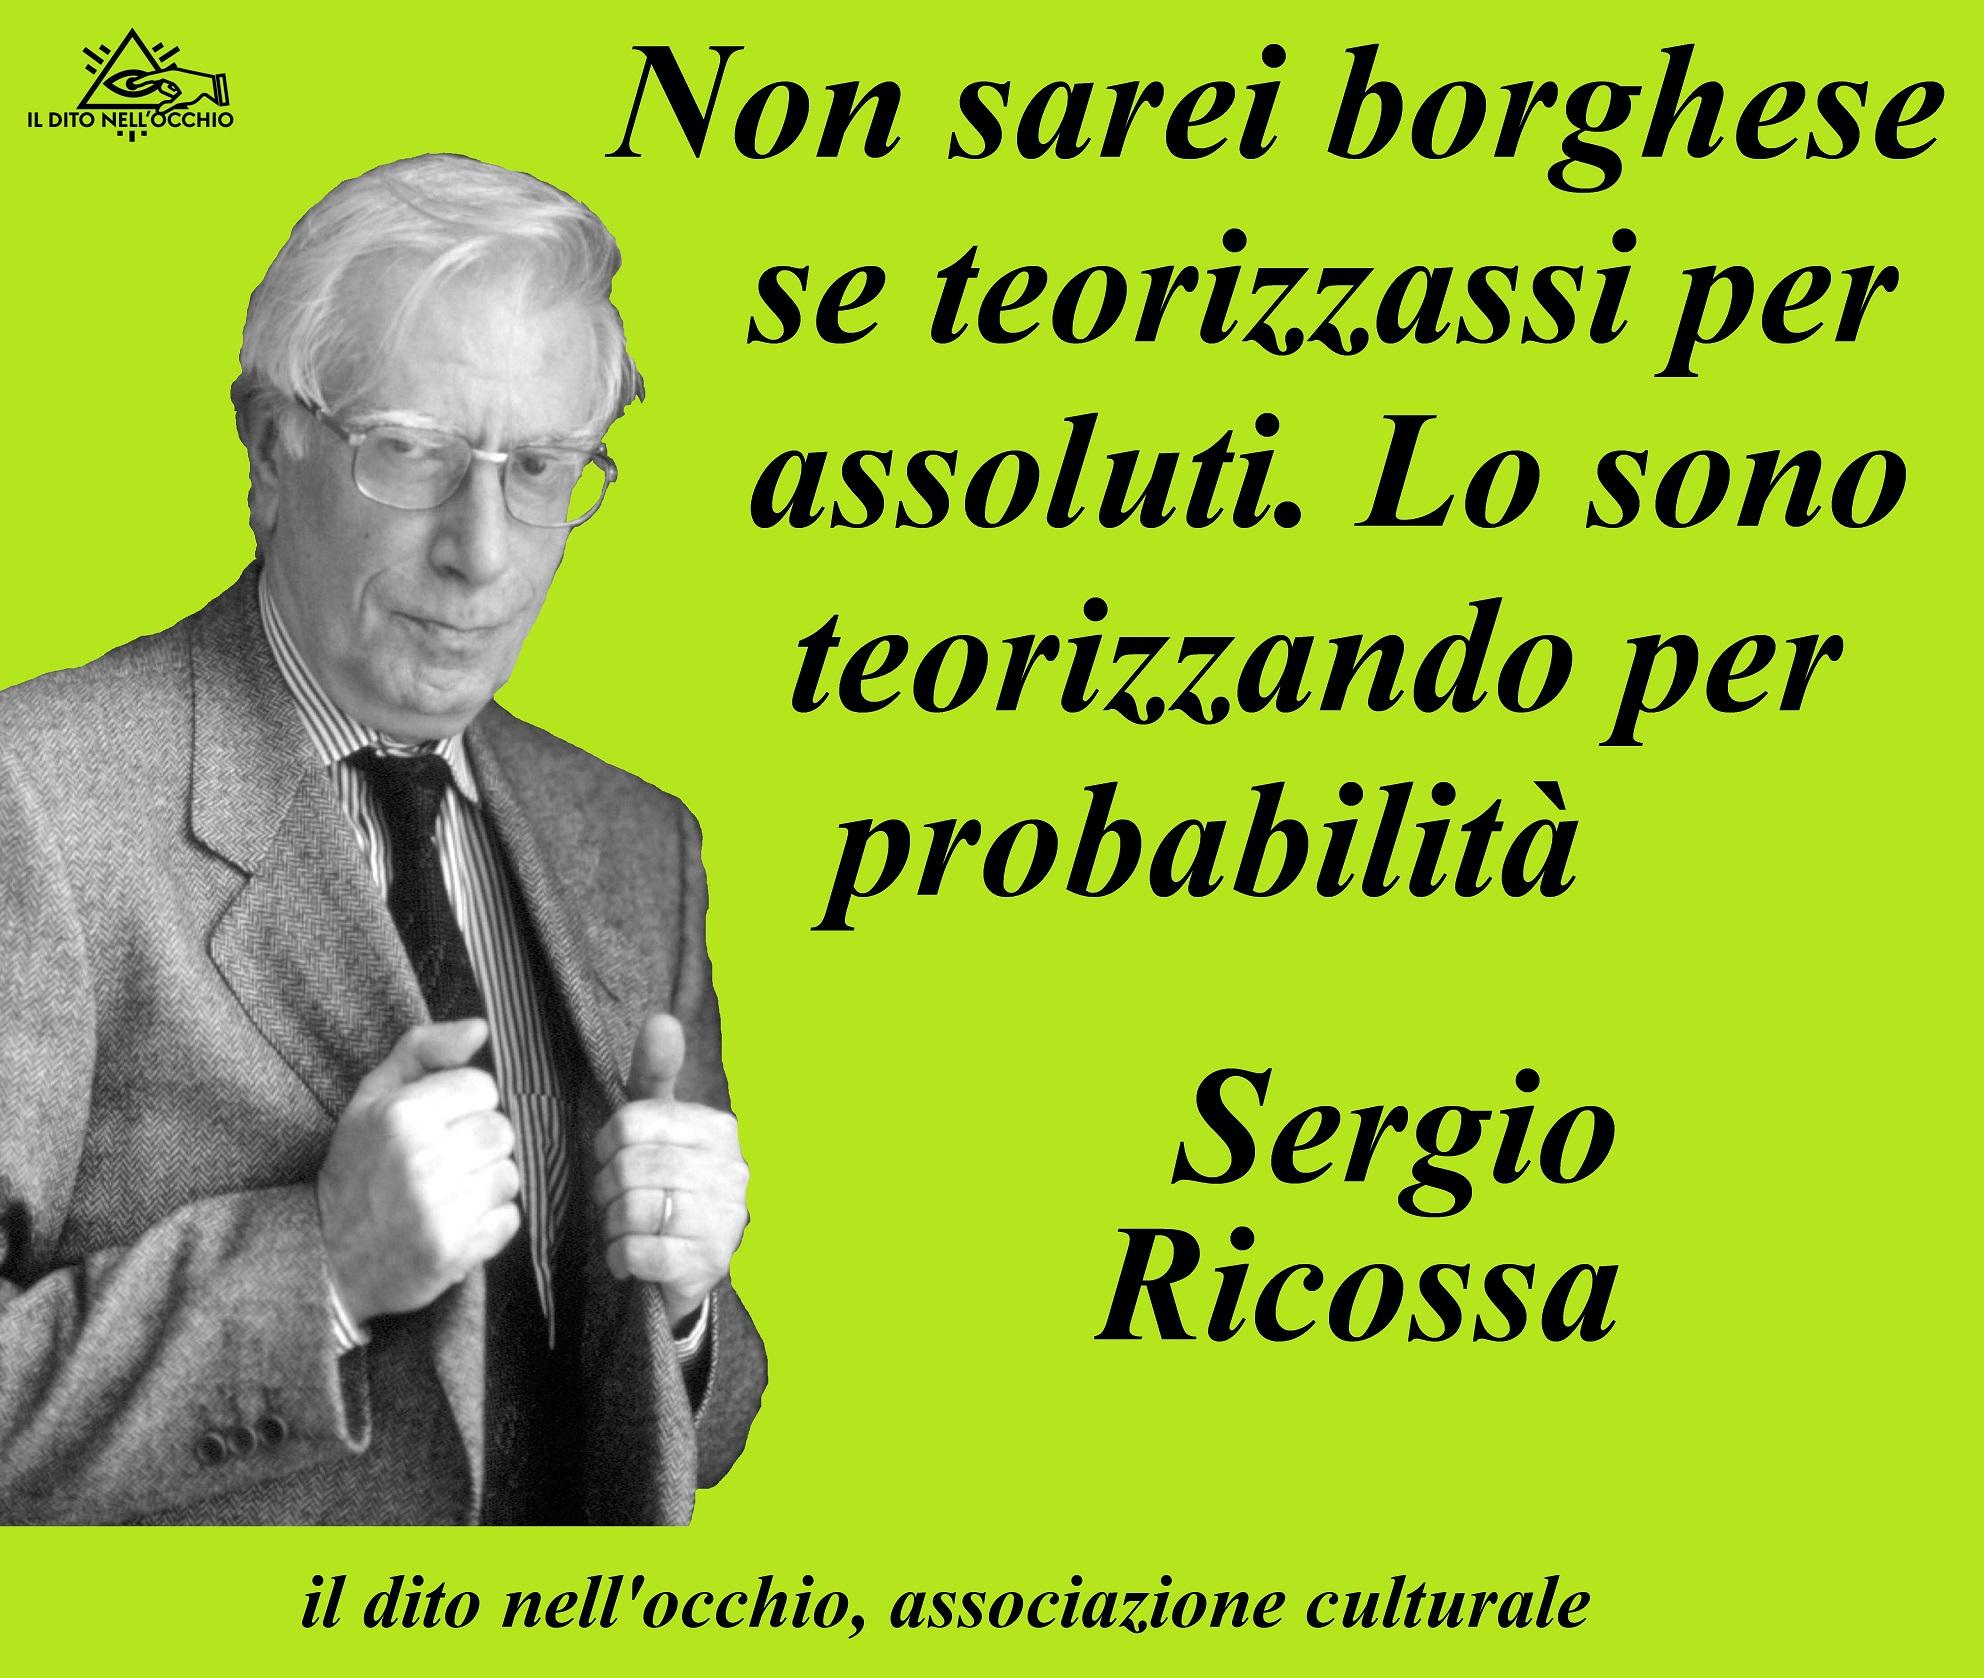 Sergio Ricossa